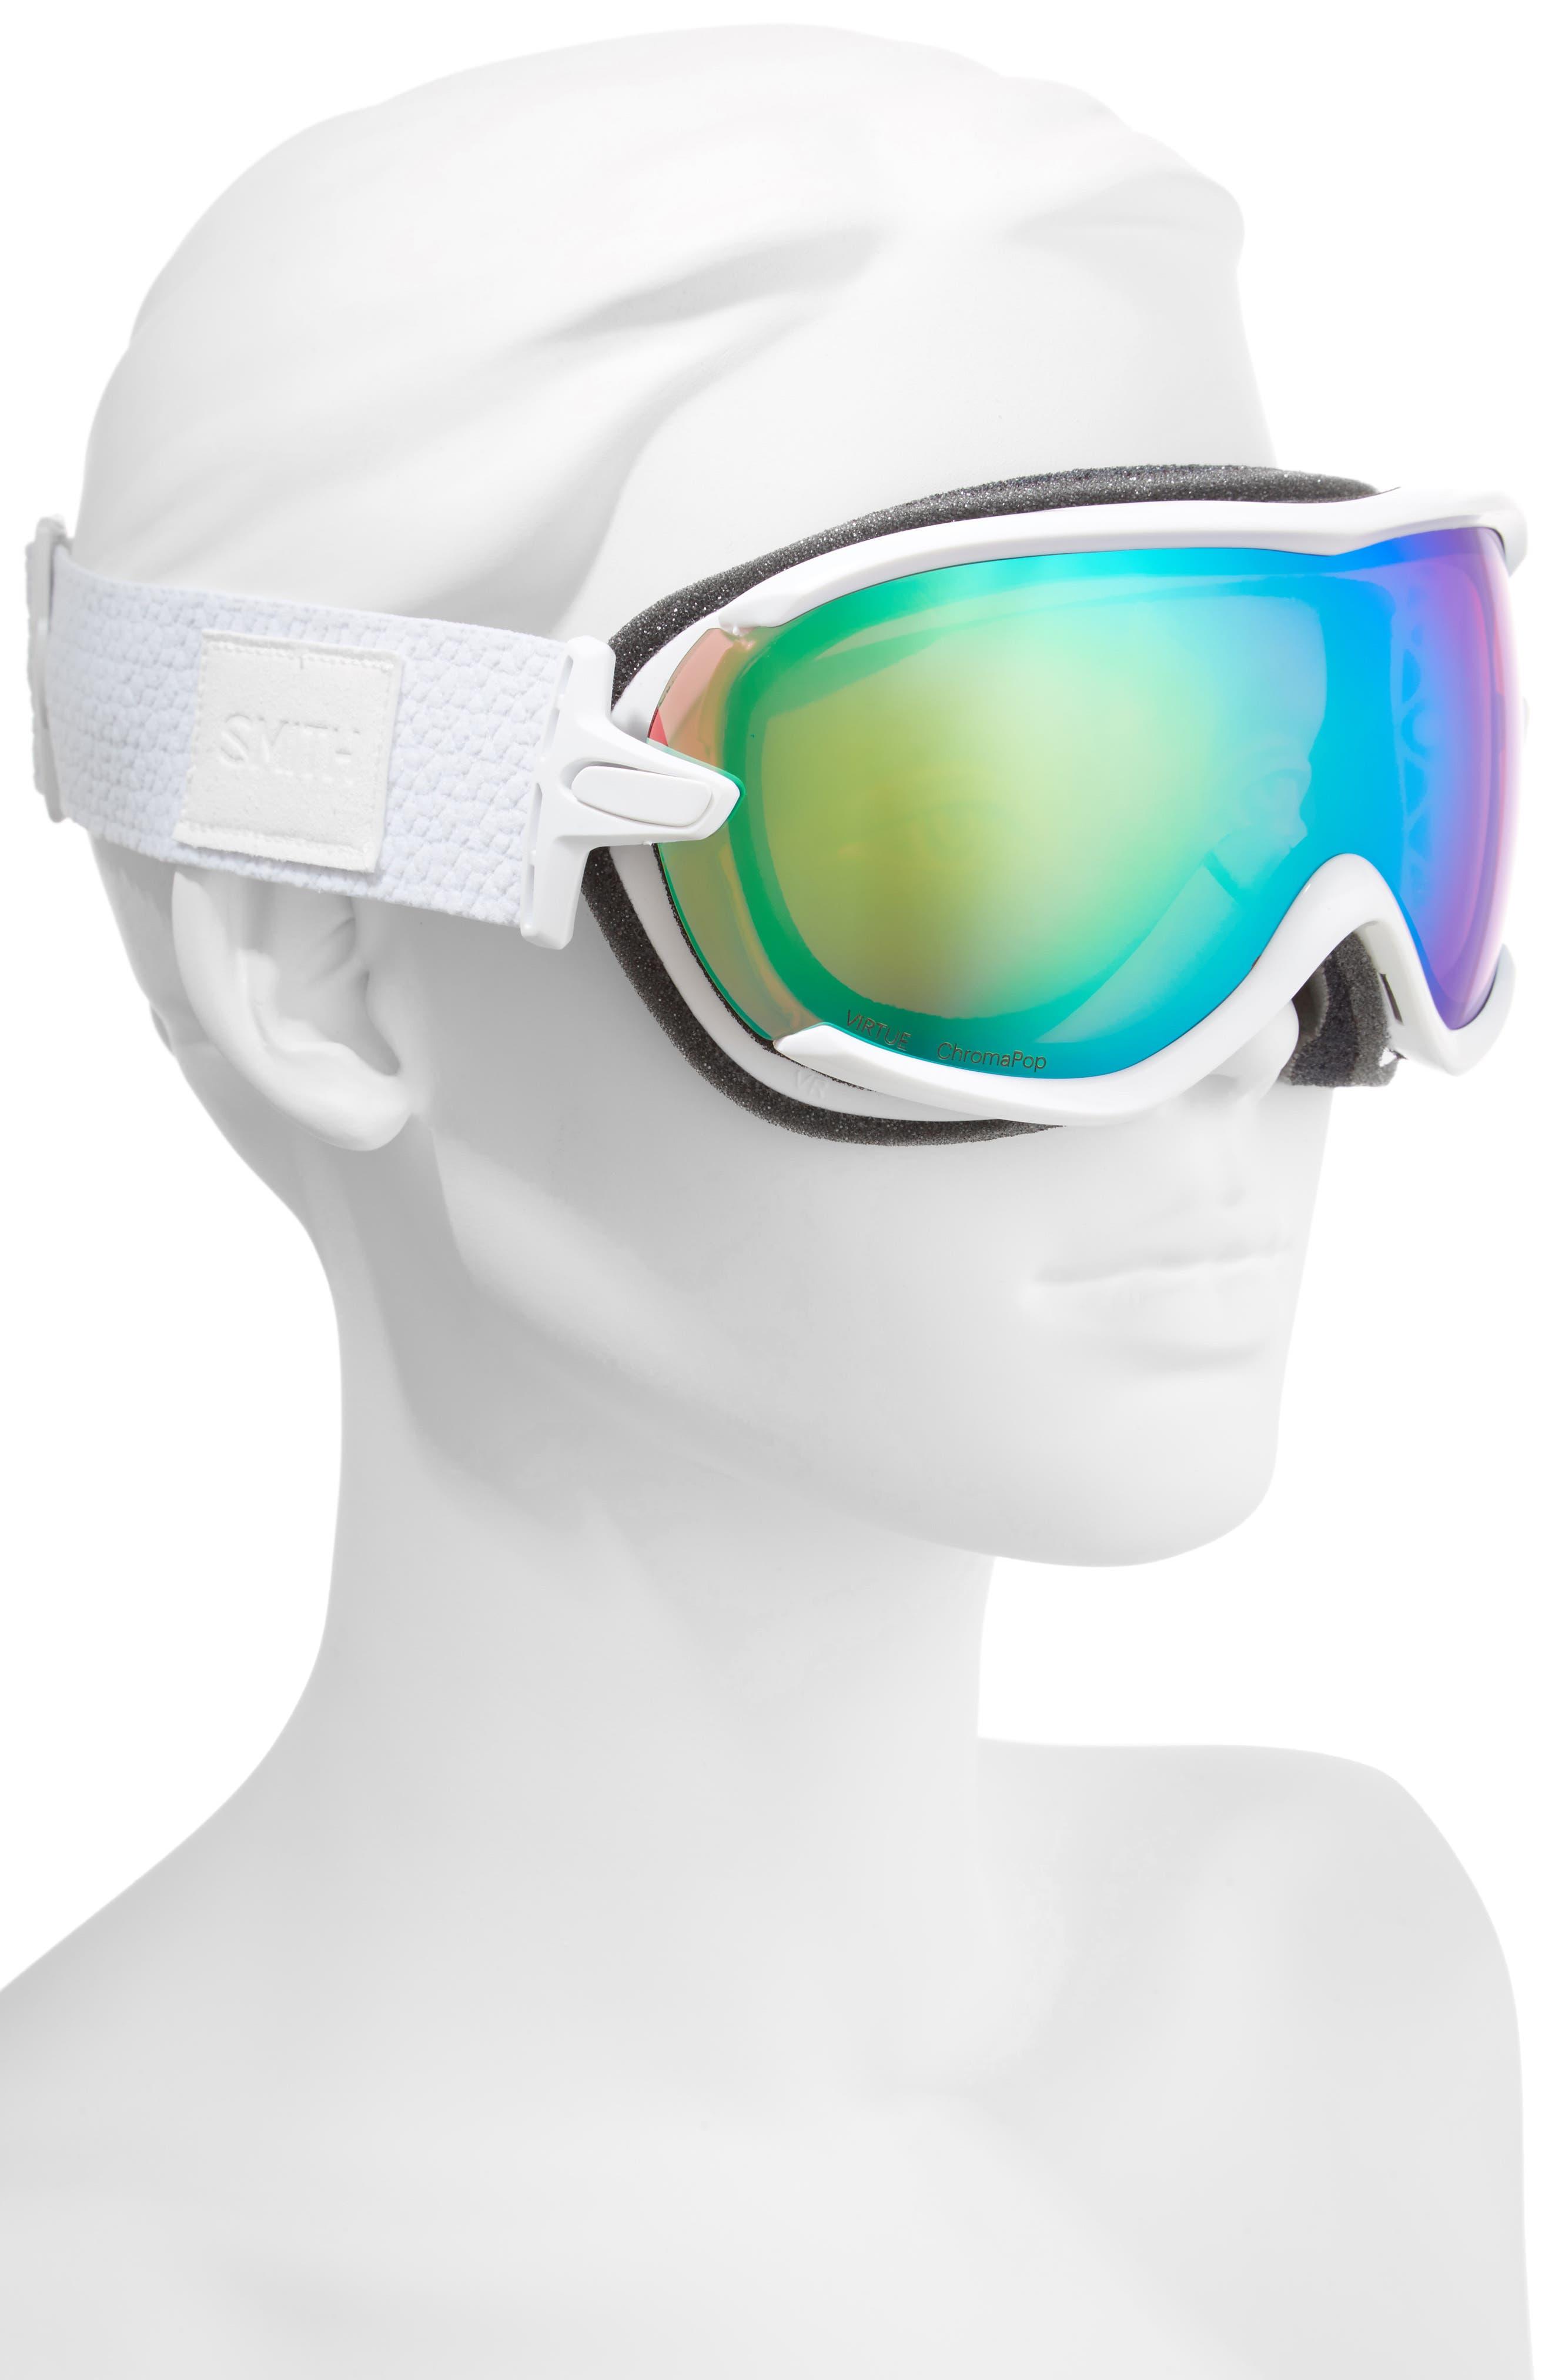 Virtue Ski/Snow Goggles,                             Alternate thumbnail 3, color,                             White Mosaic/ Mirror